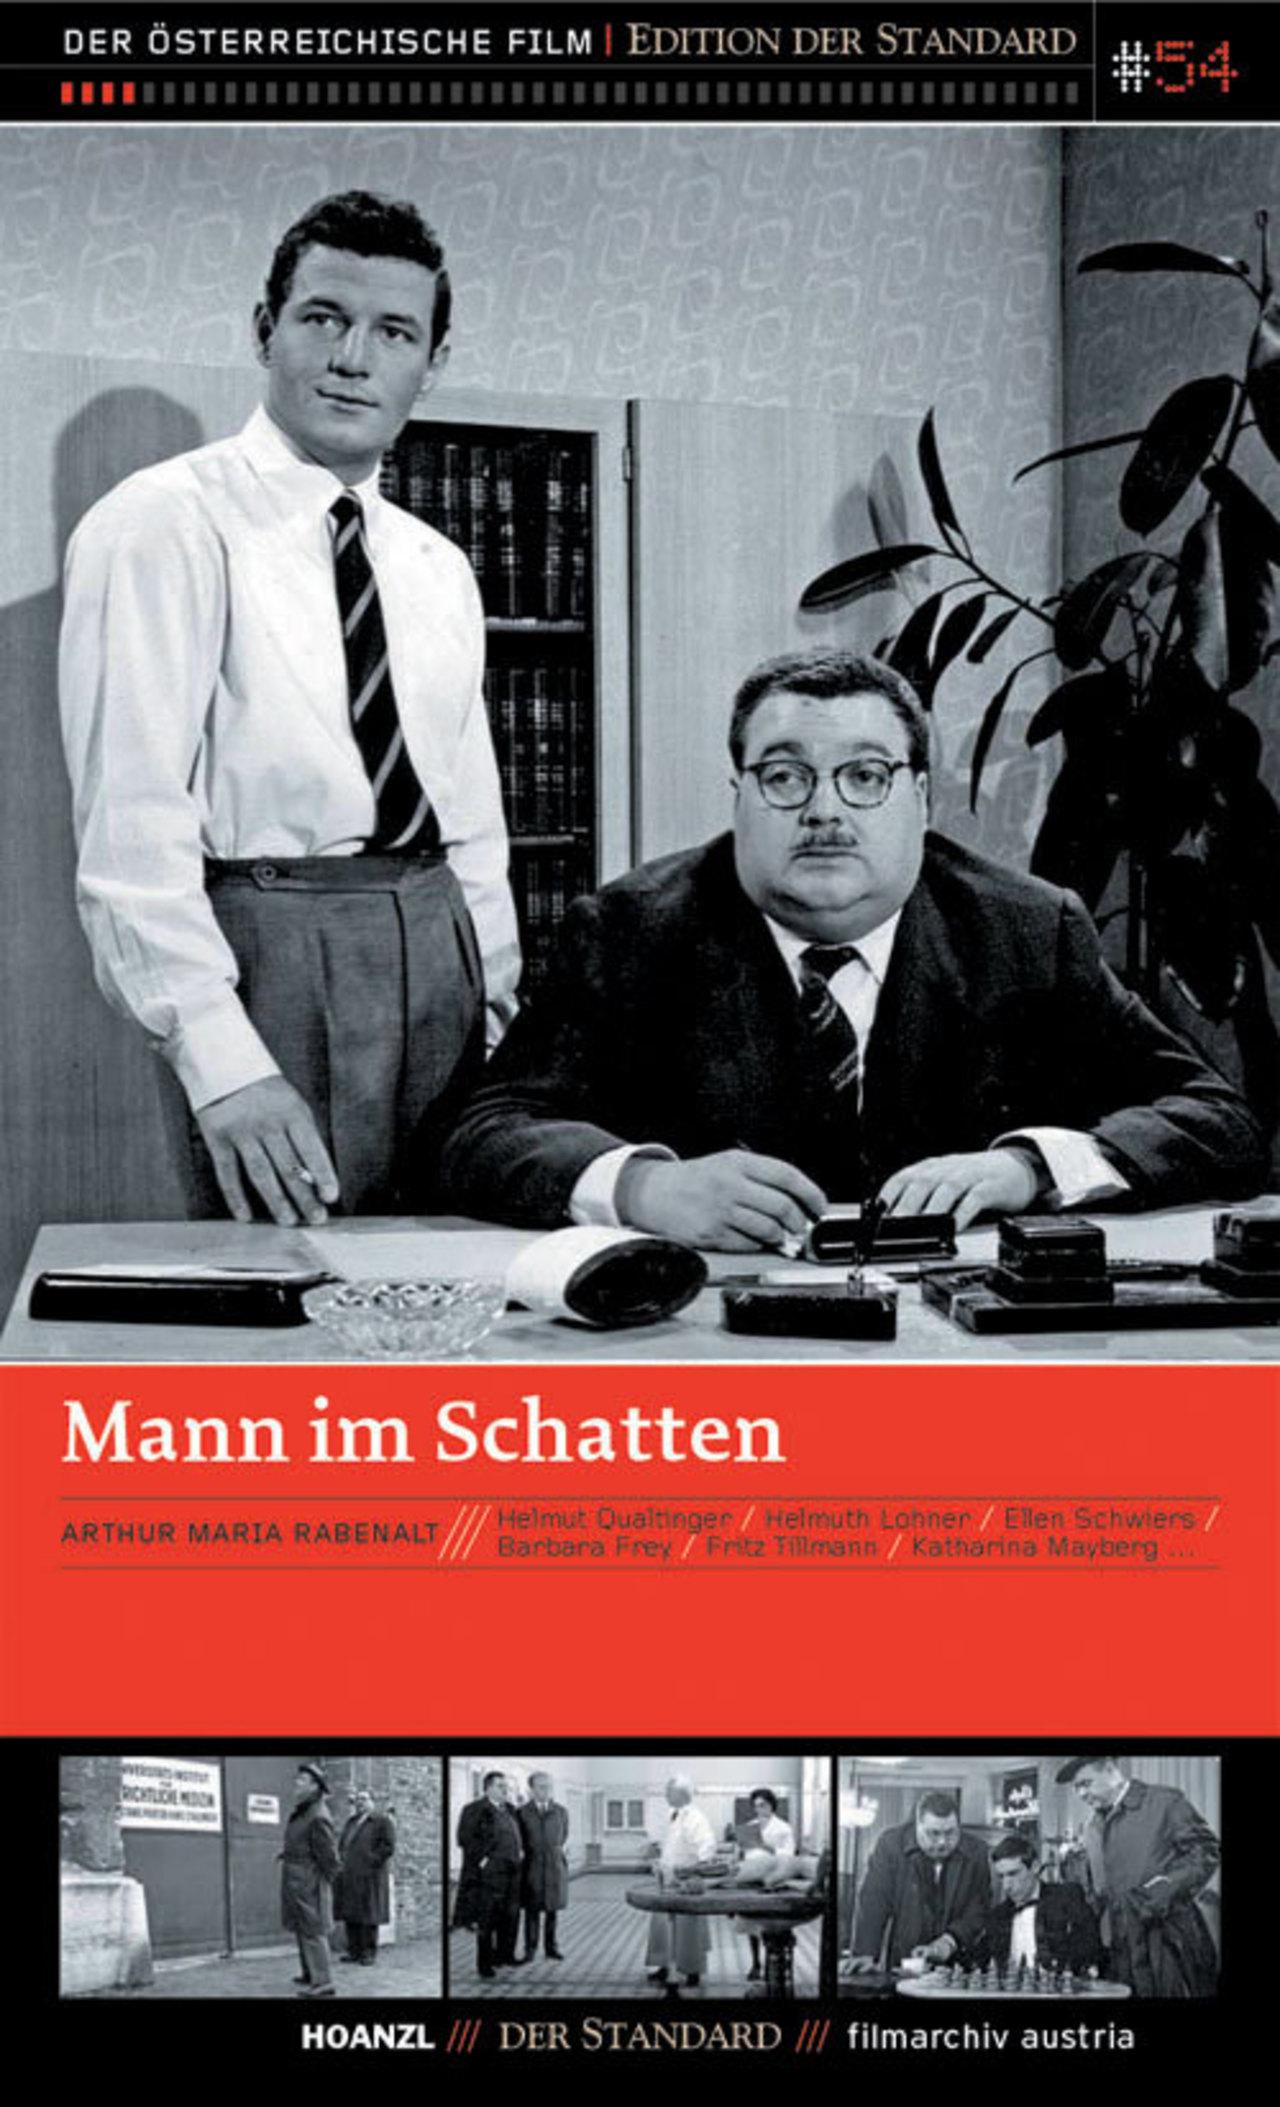 Peter Neusser and Helmut Qualtinger in Mann im Schatten (1961)